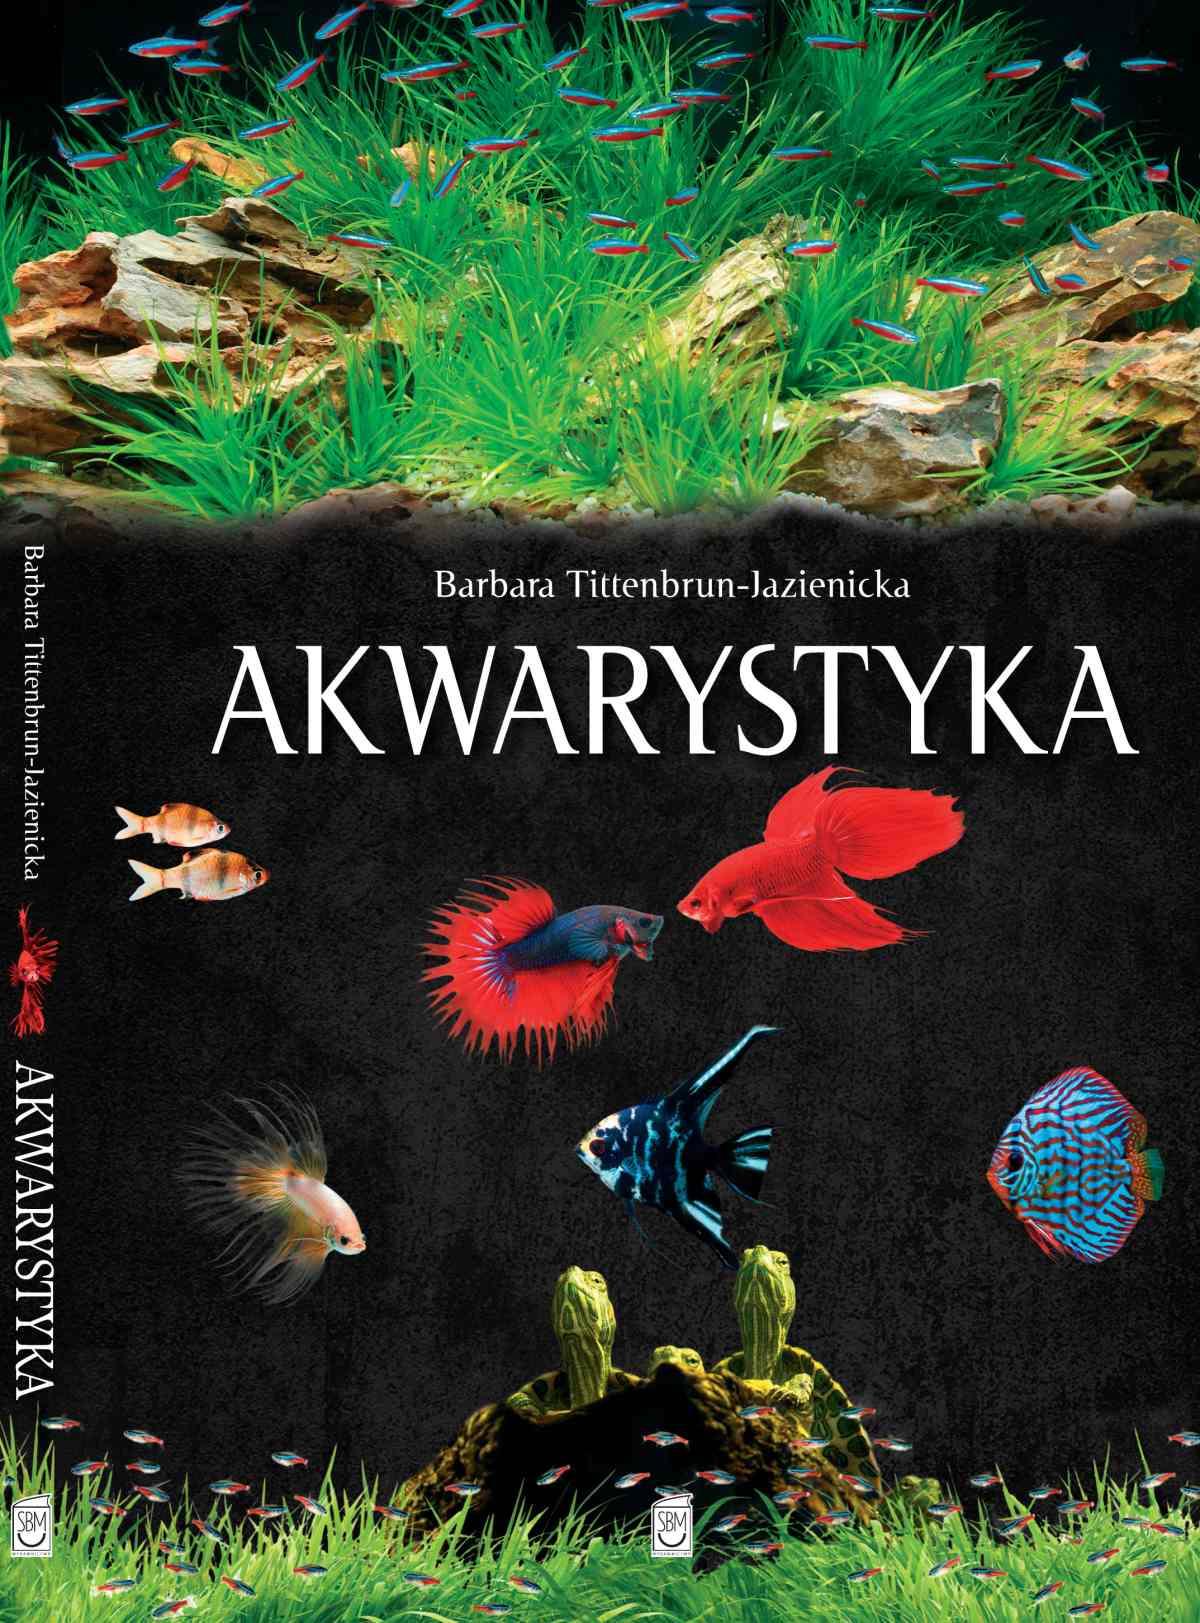 Akwarystyka. Akwarium, ryby, rośliny - Ebook (Książka PDF) do pobrania w formacie PDF